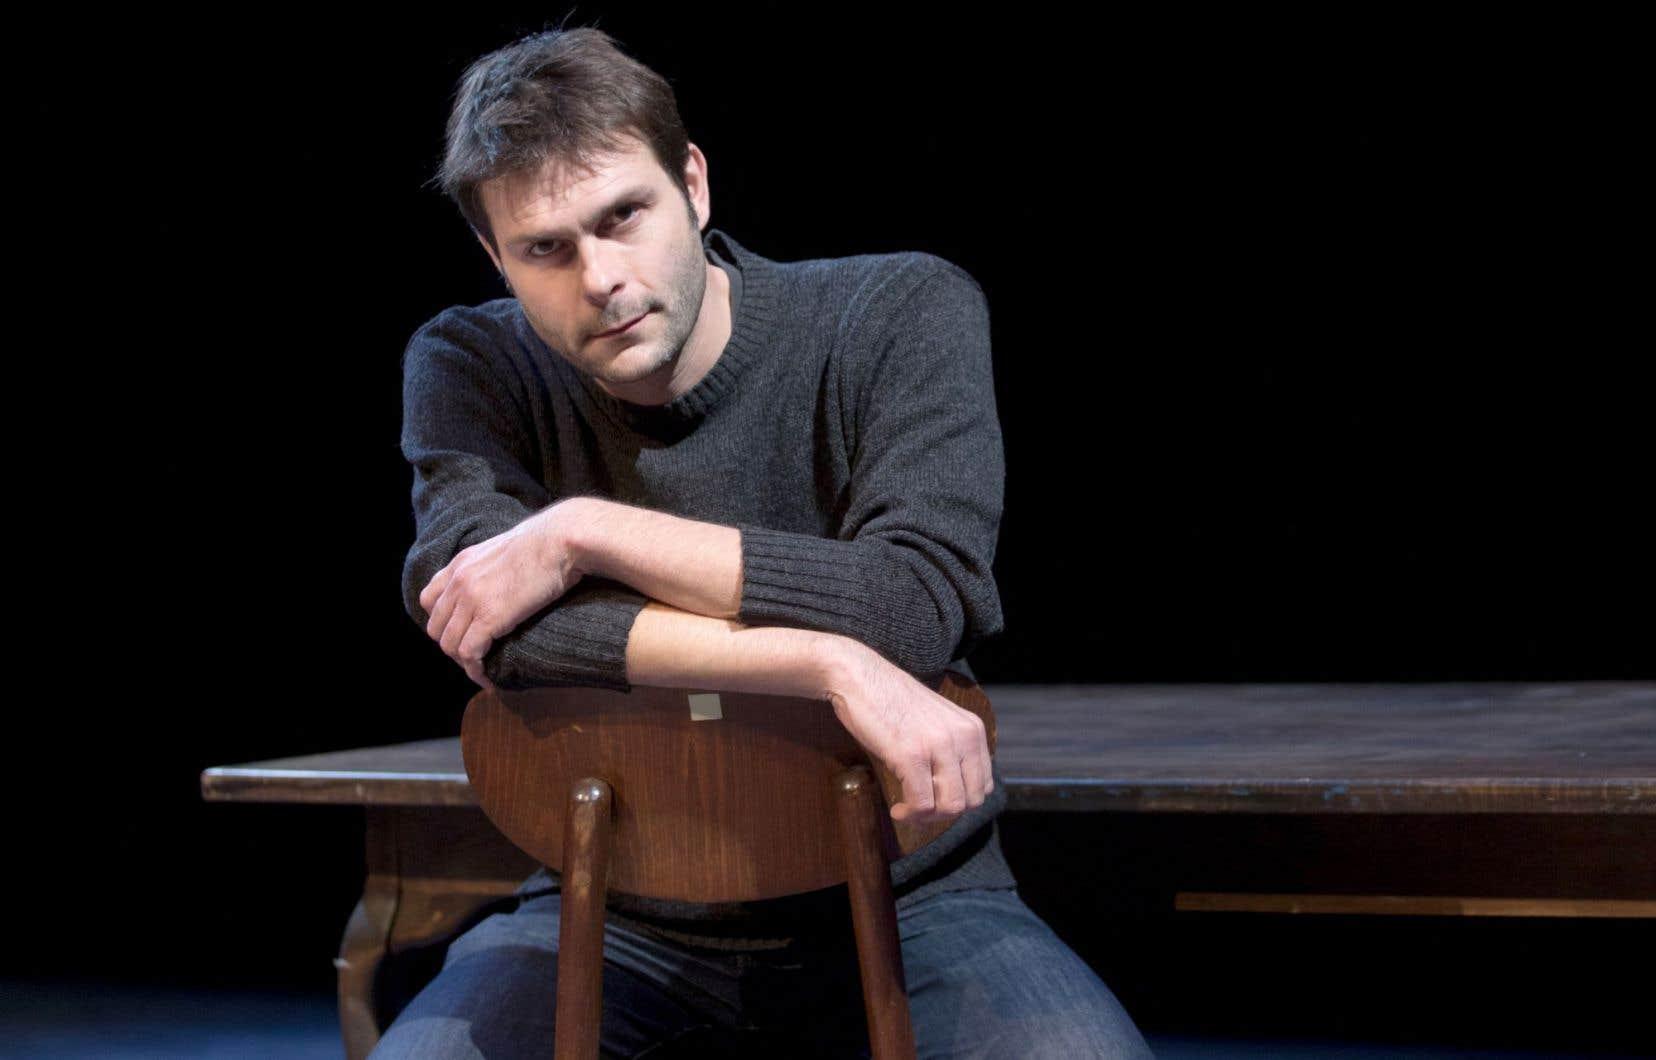 Le récit glissant de «La campagne» met en scène trois personnages fuyants, dont Jérémie Niel souhaite cultiver l'ambiguïté.